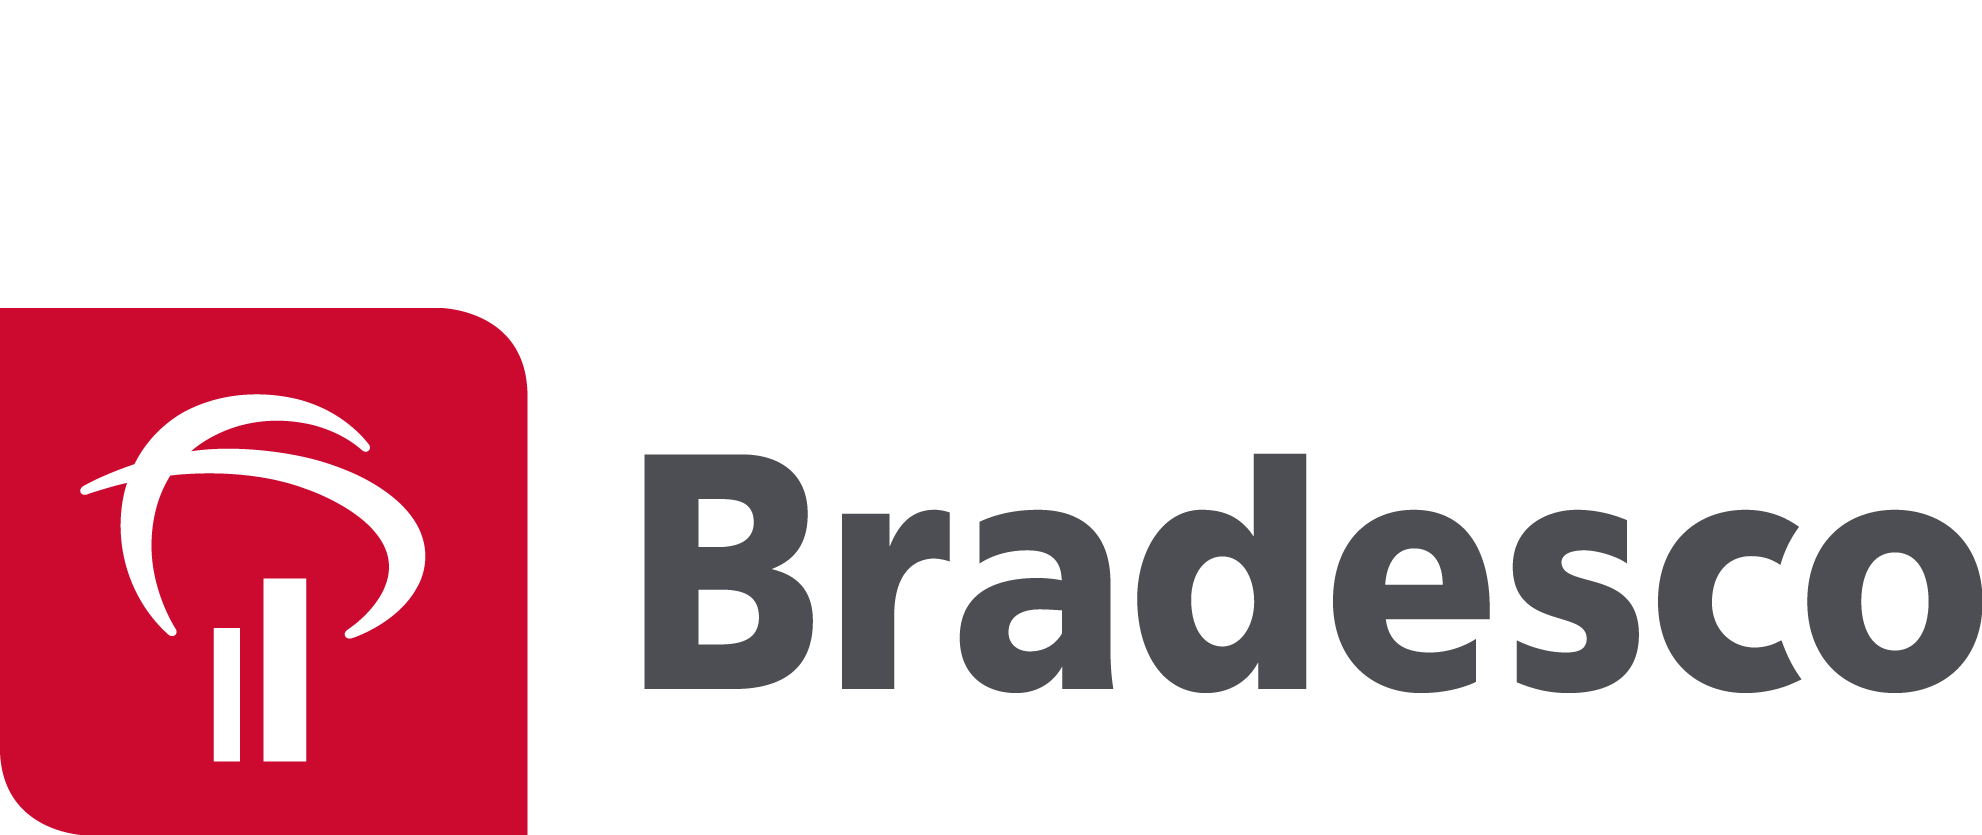 BANCO BRADESCO logo - Banco Bradesco PNG - Banco Bradesco Logo PNG